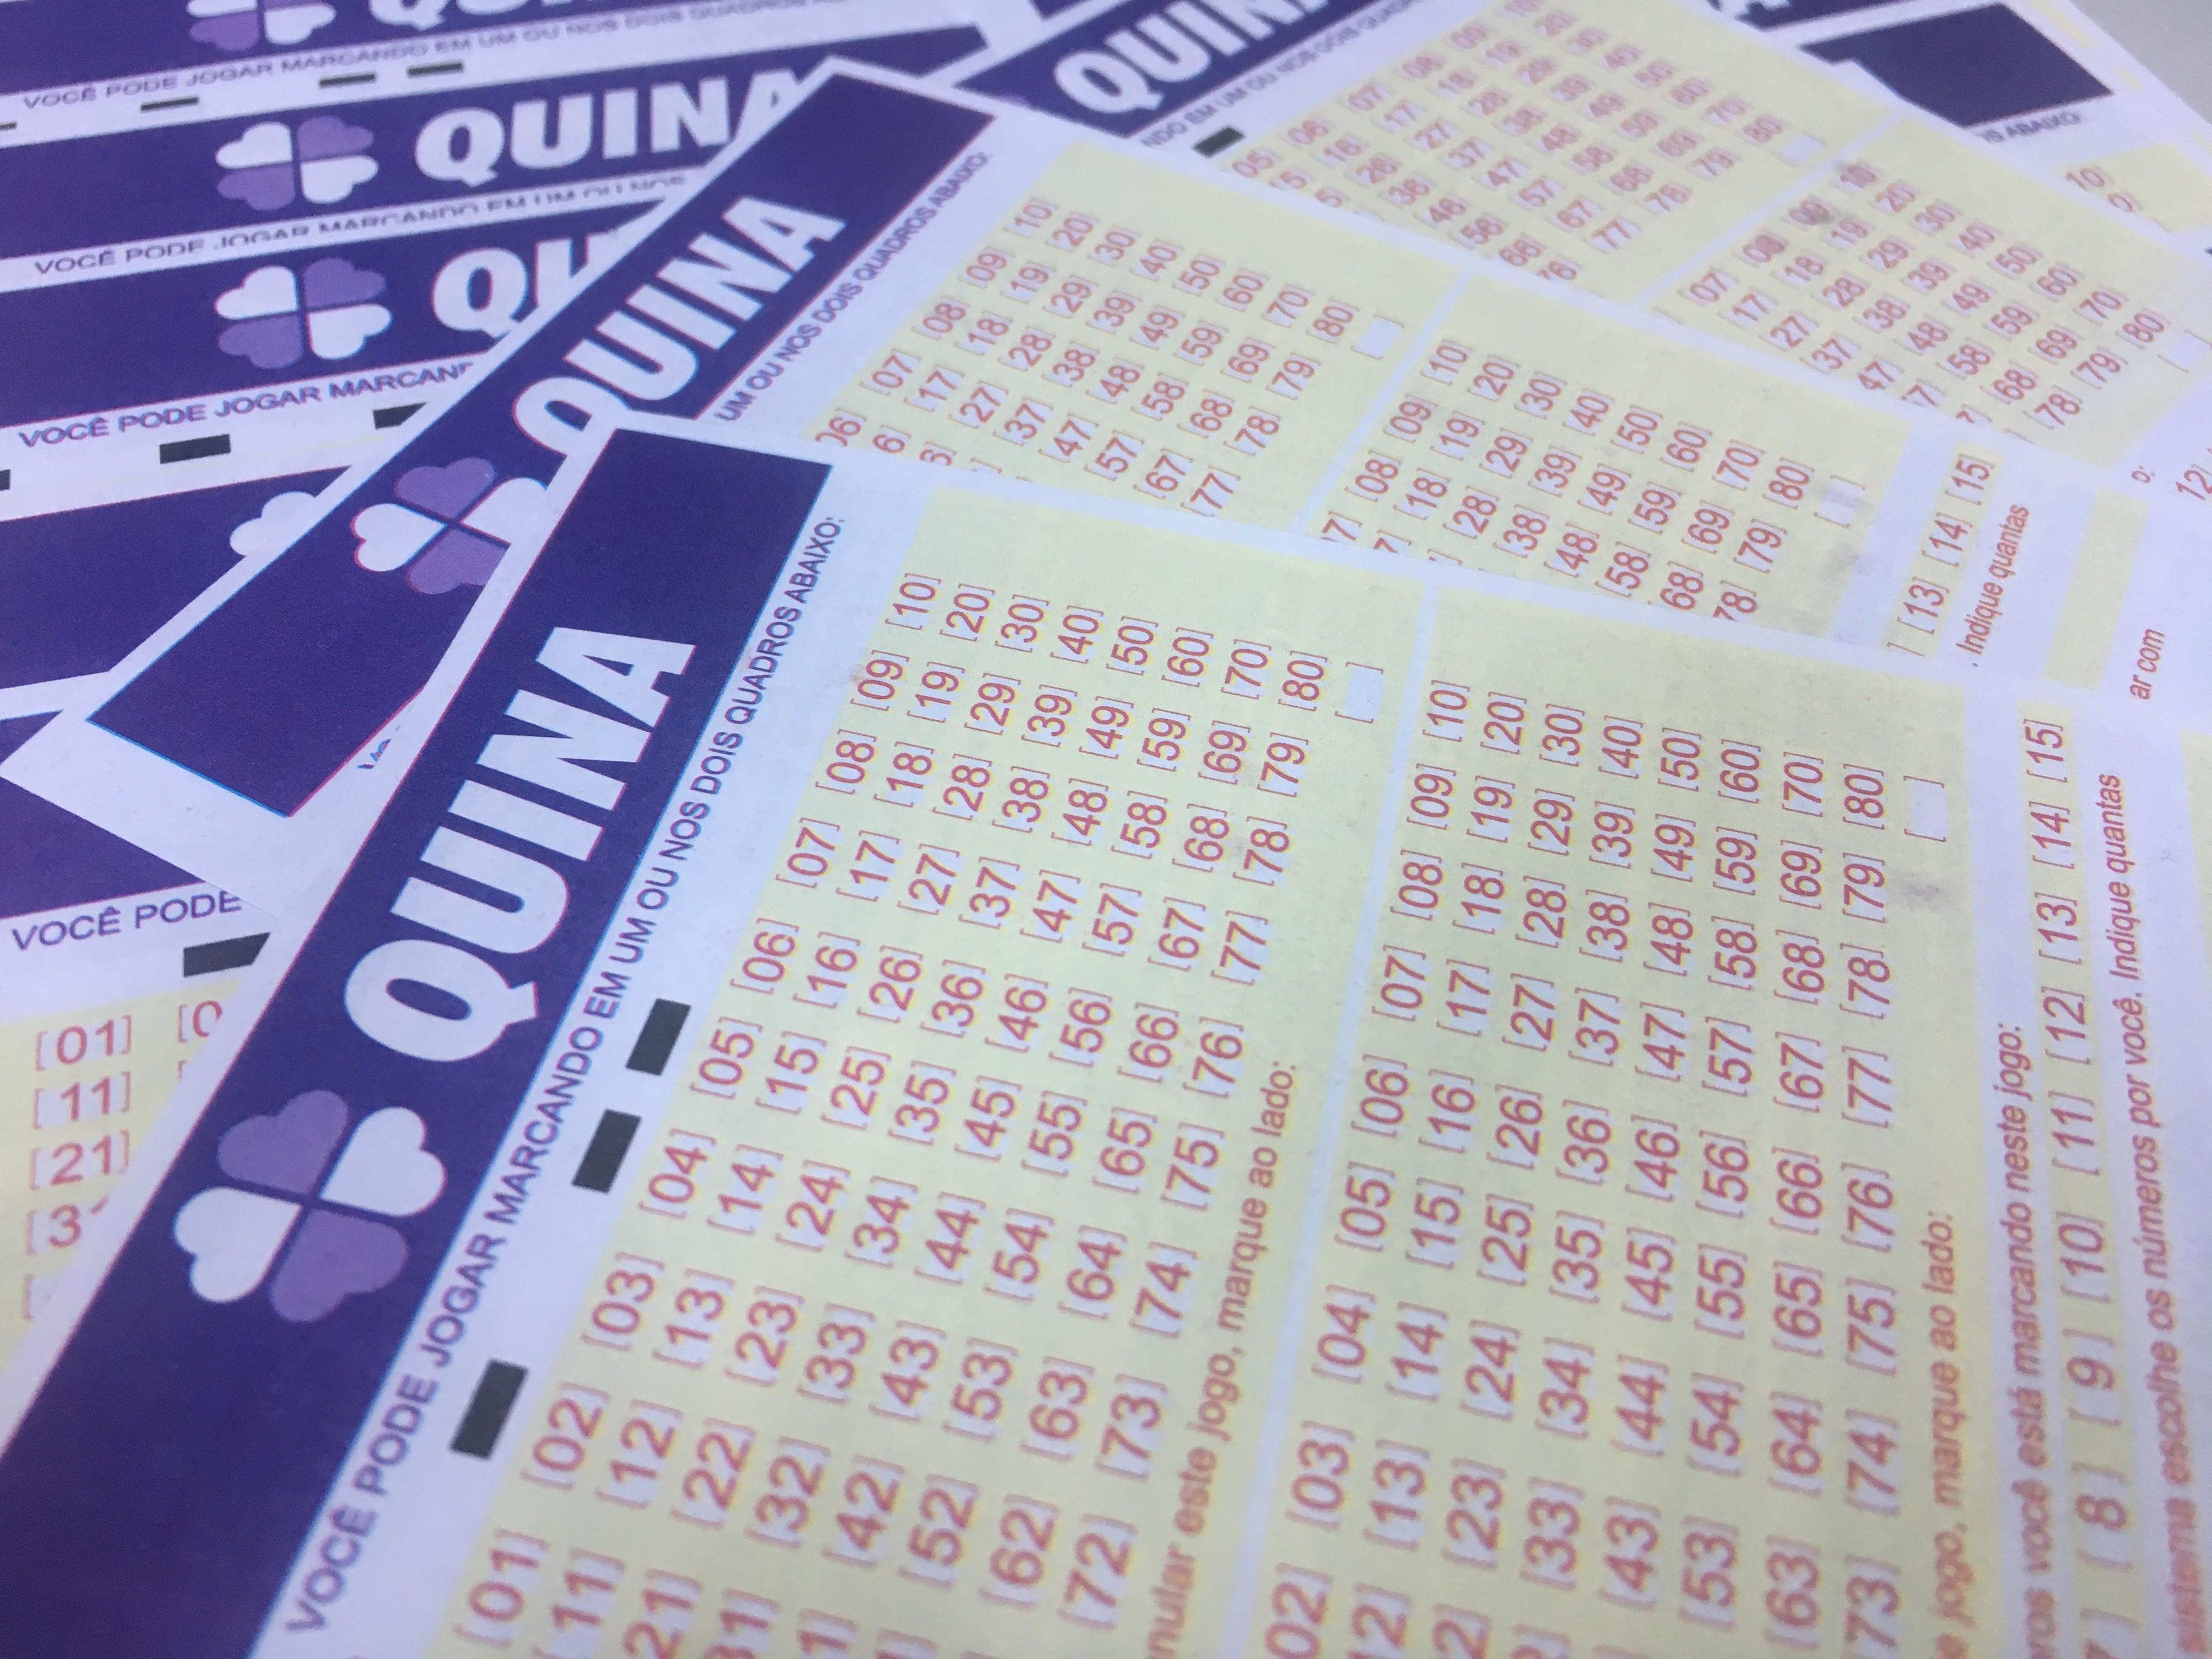 Aposta de Teresina ganha mais de R$ 15 milhões no sorteio da Quina